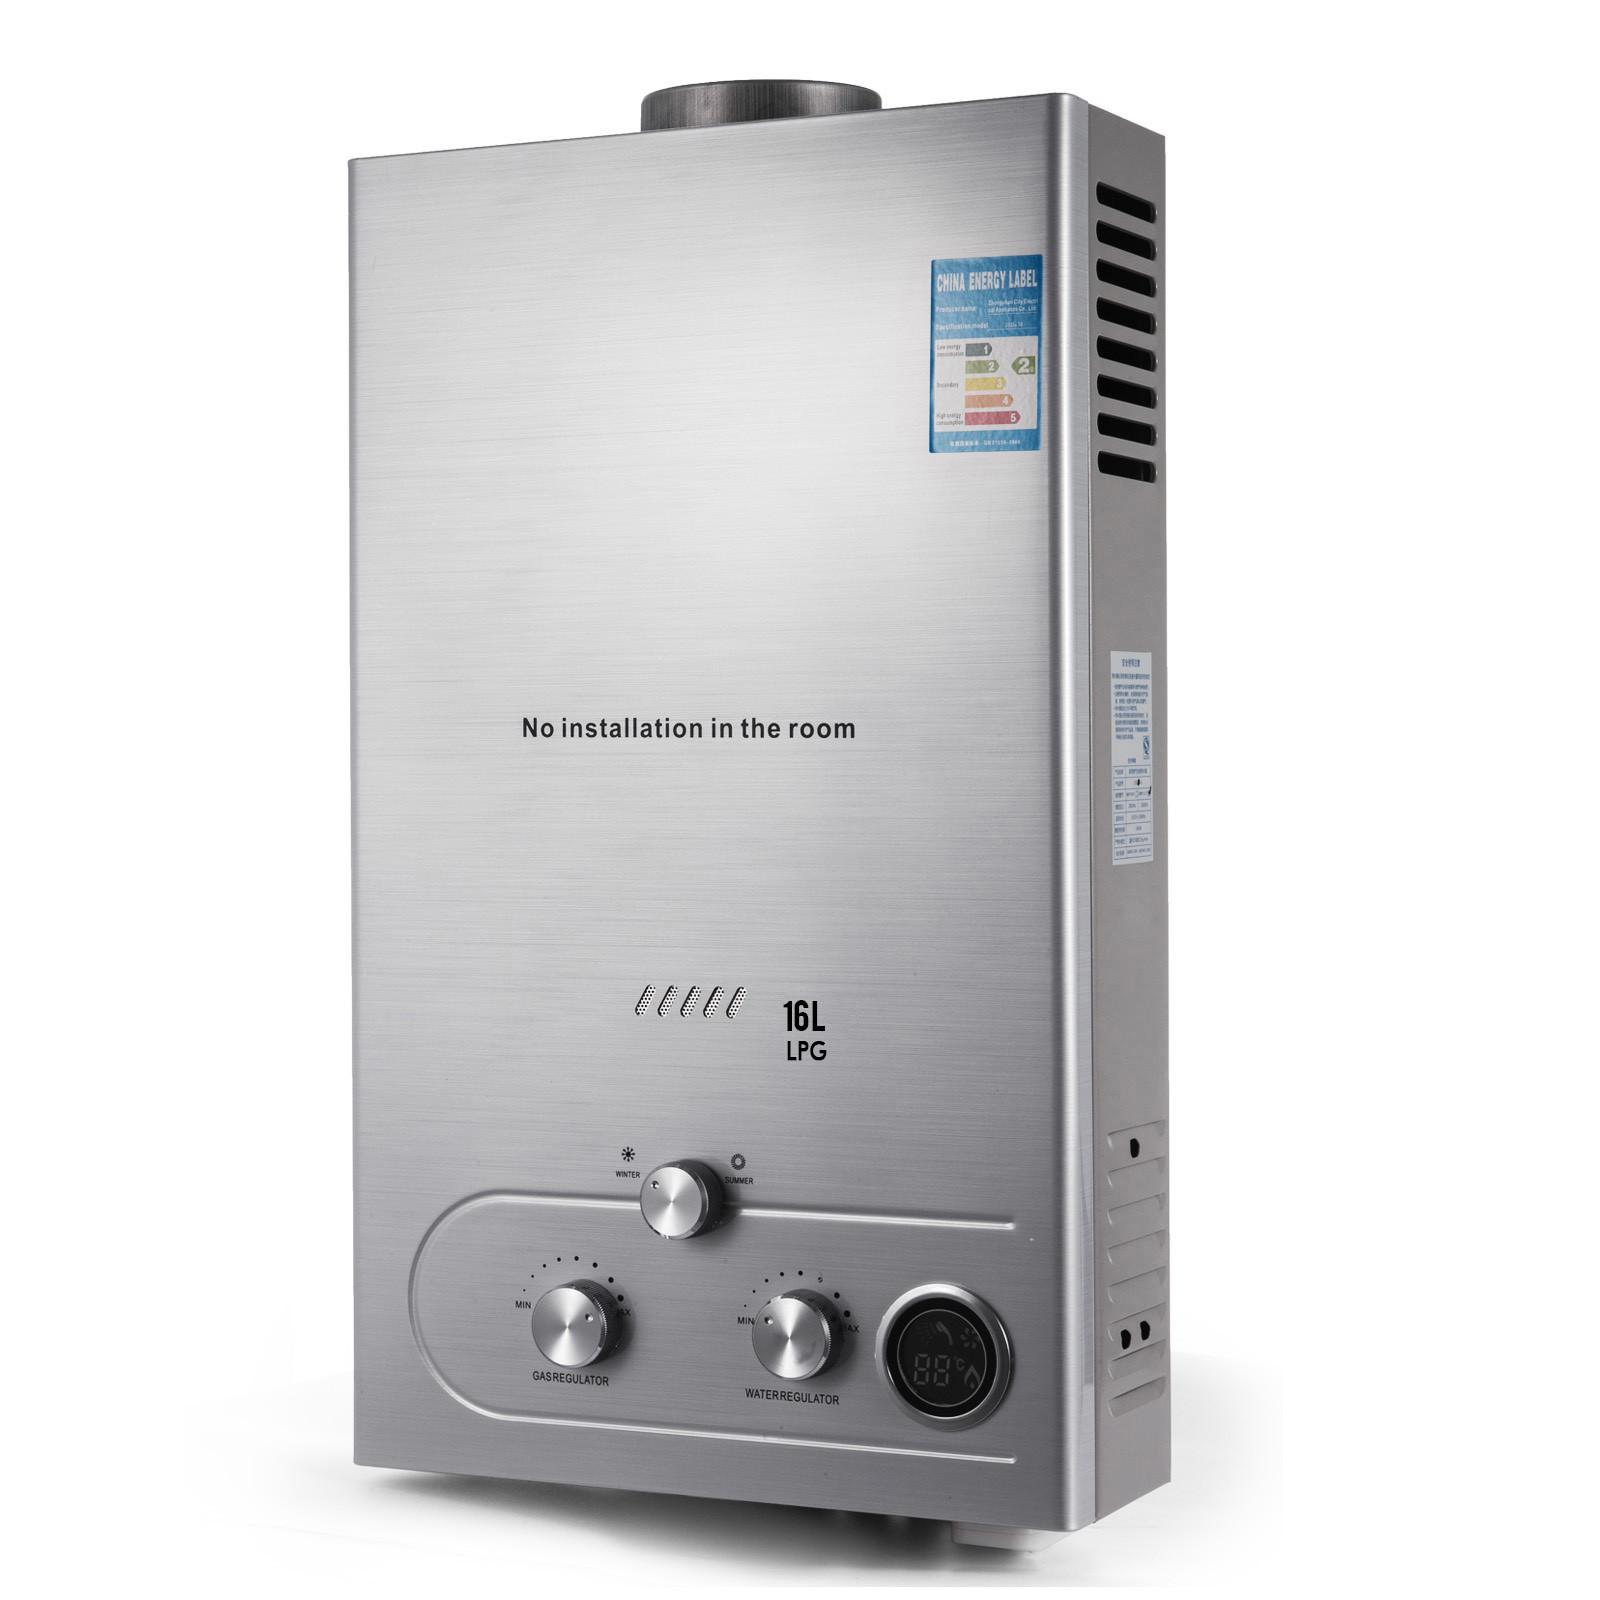 Propangas-Gas-Durchlauferhitzer-Warmwasserbereiter-Boiler-Warmwasserspeicher Indexbild 75